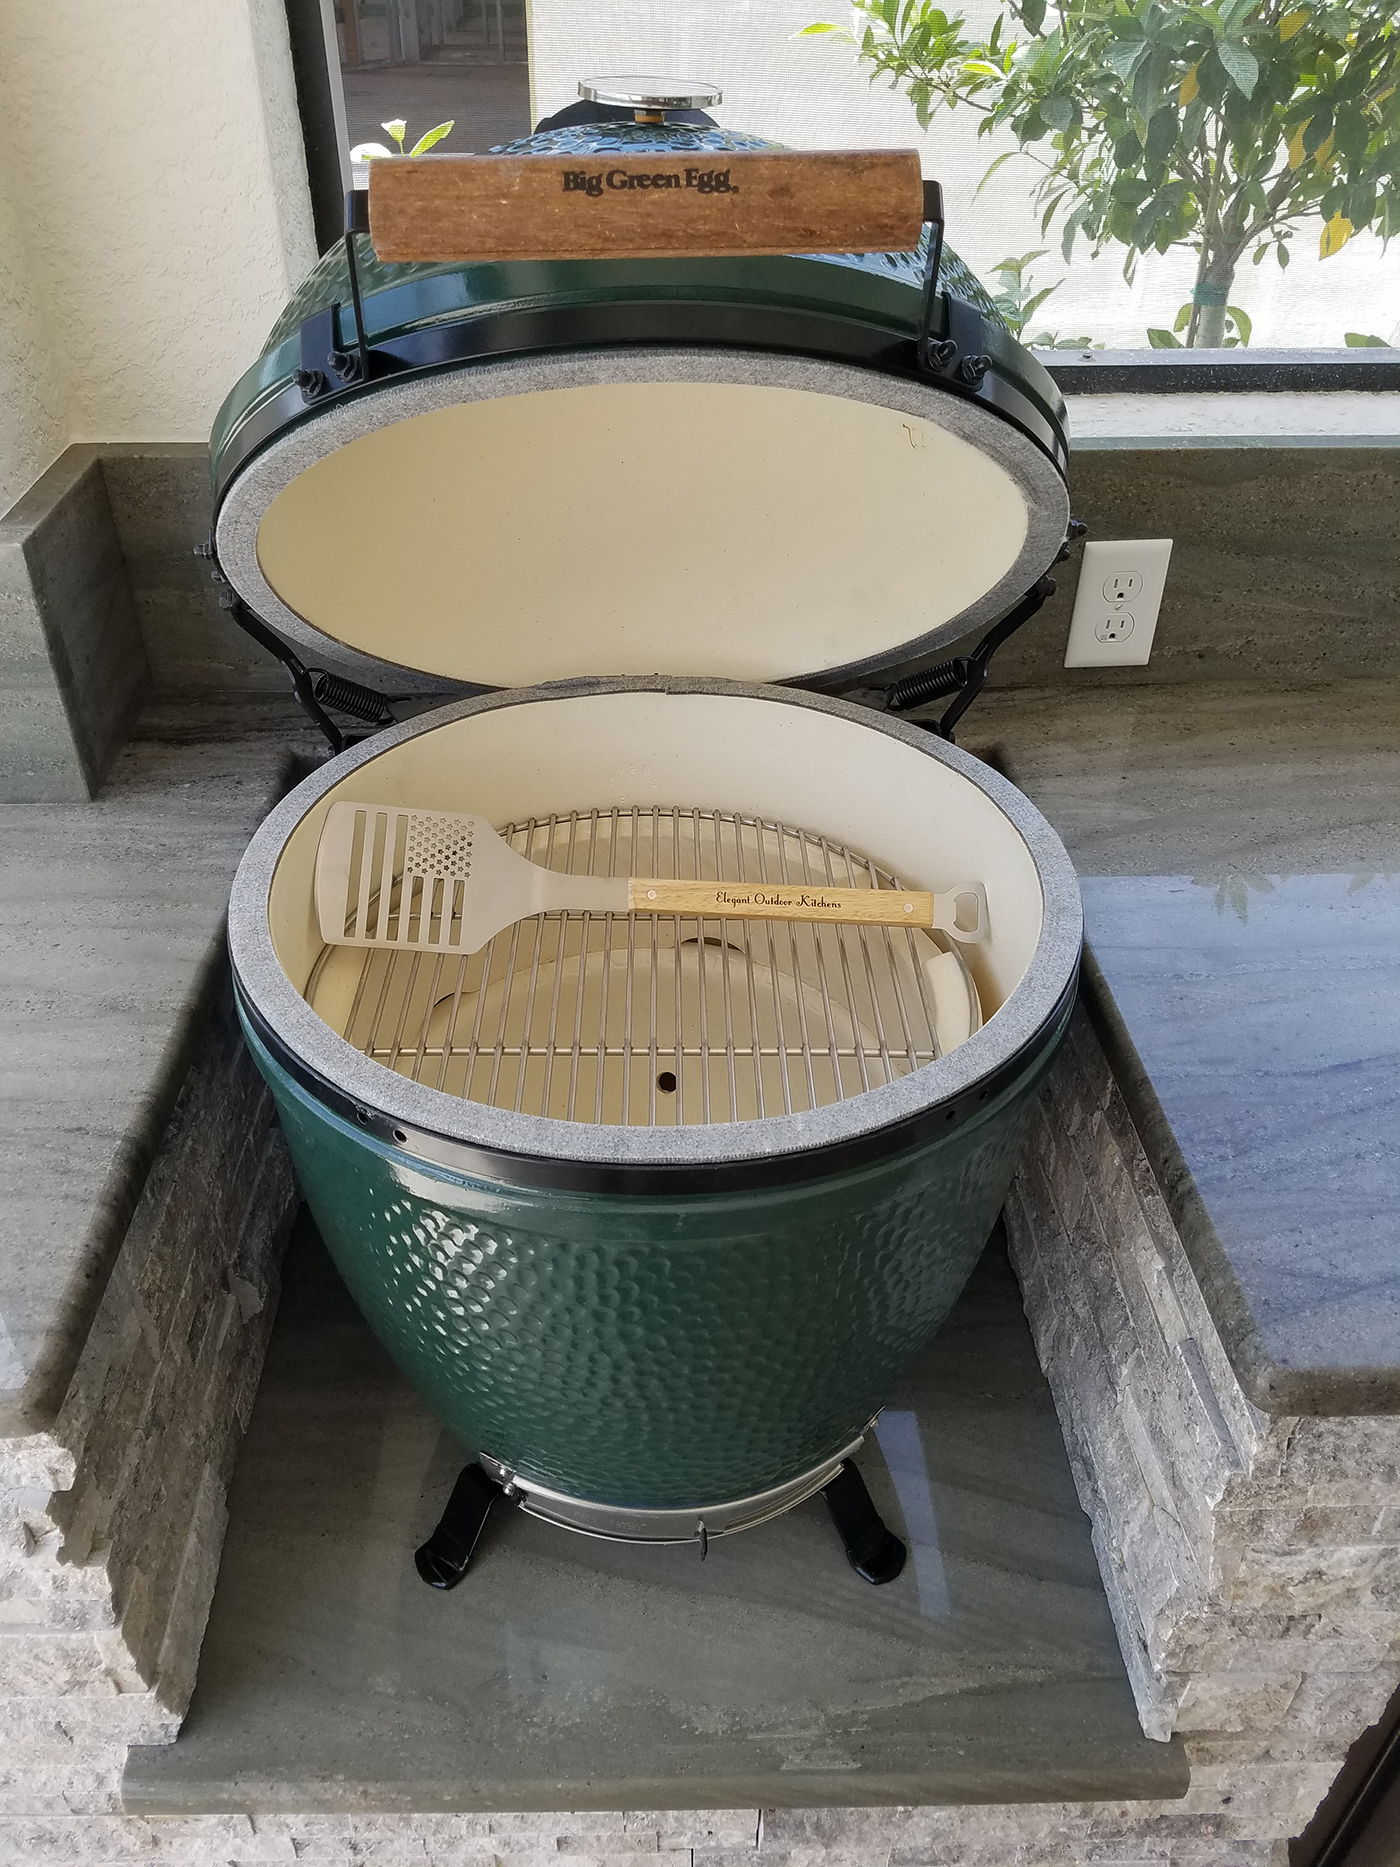 the big green egg outdoor kitchen elegant outdoor kitchens. Black Bedroom Furniture Sets. Home Design Ideas